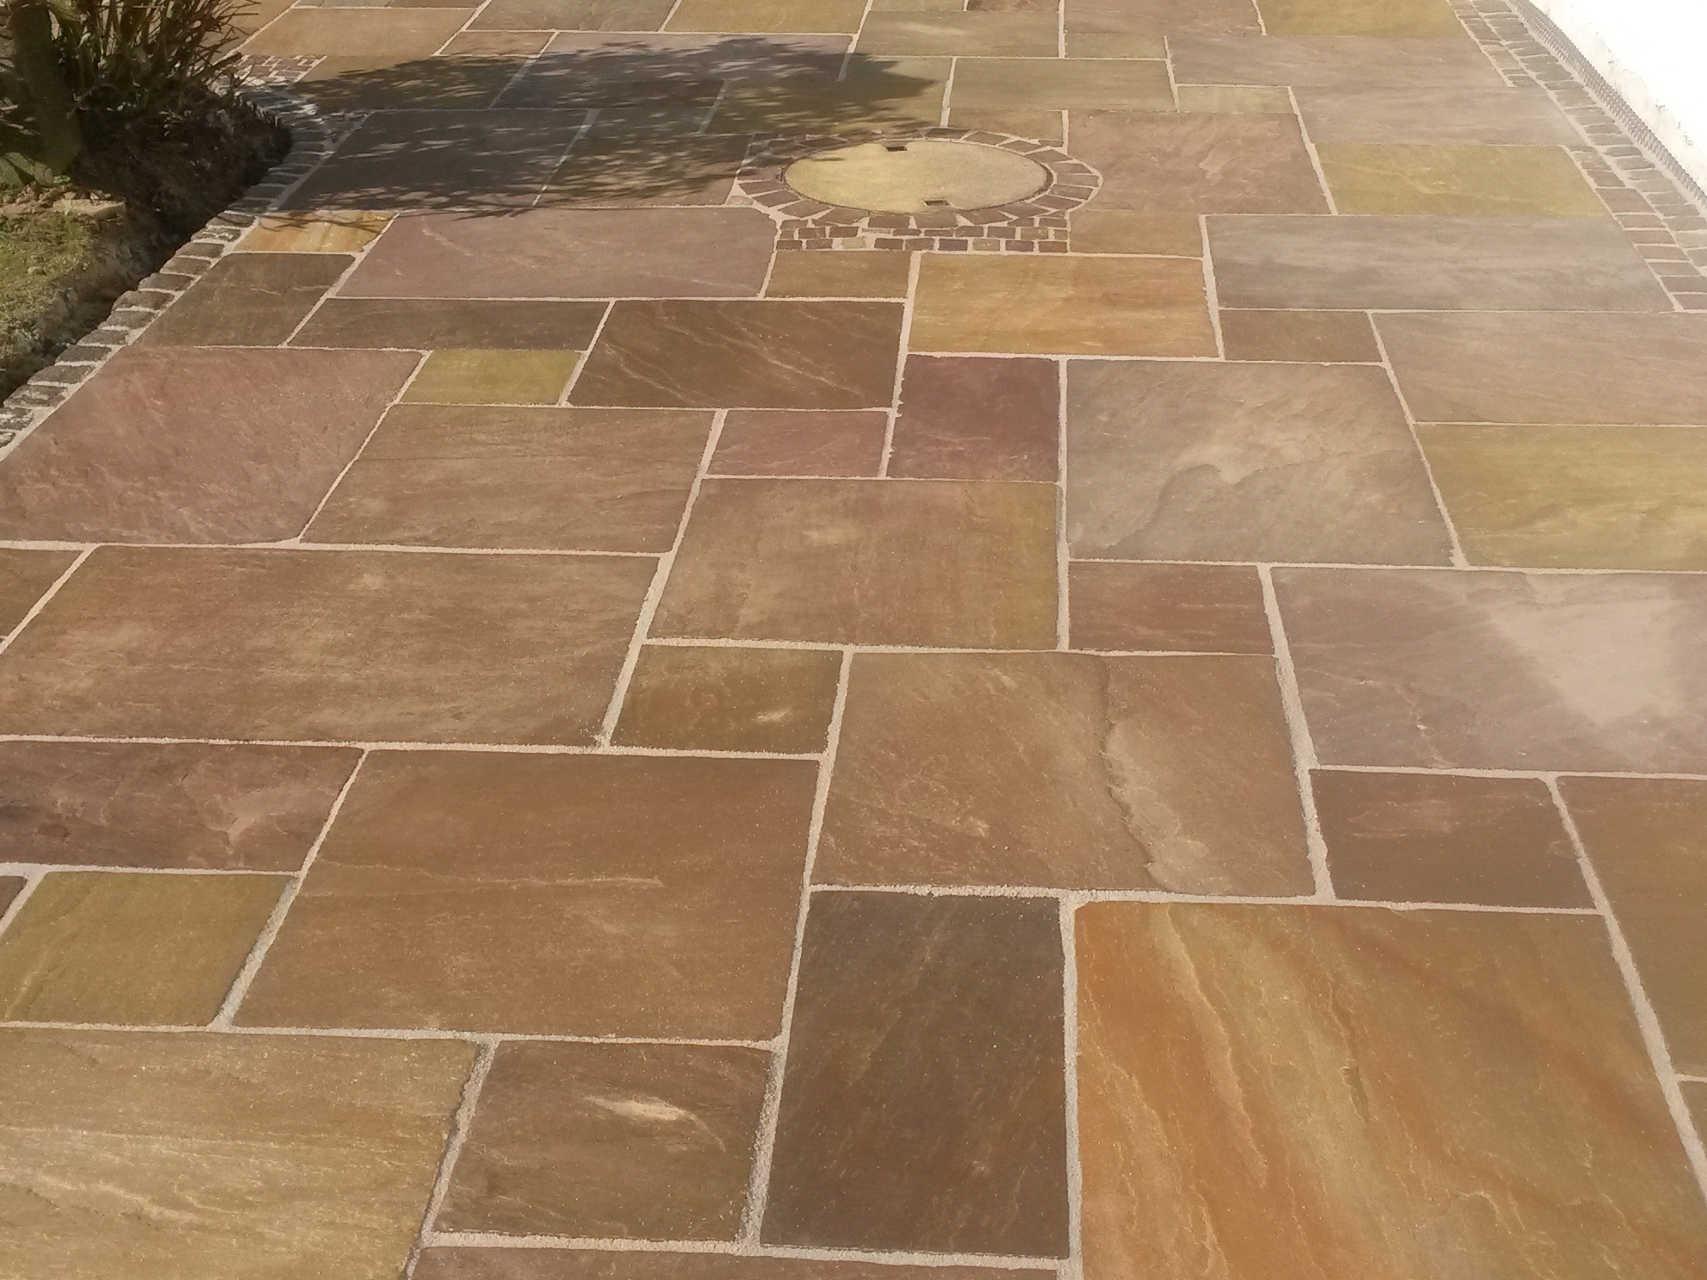 Plattenbelag auf Terrasse aus ind. Sandstein römischer Verband